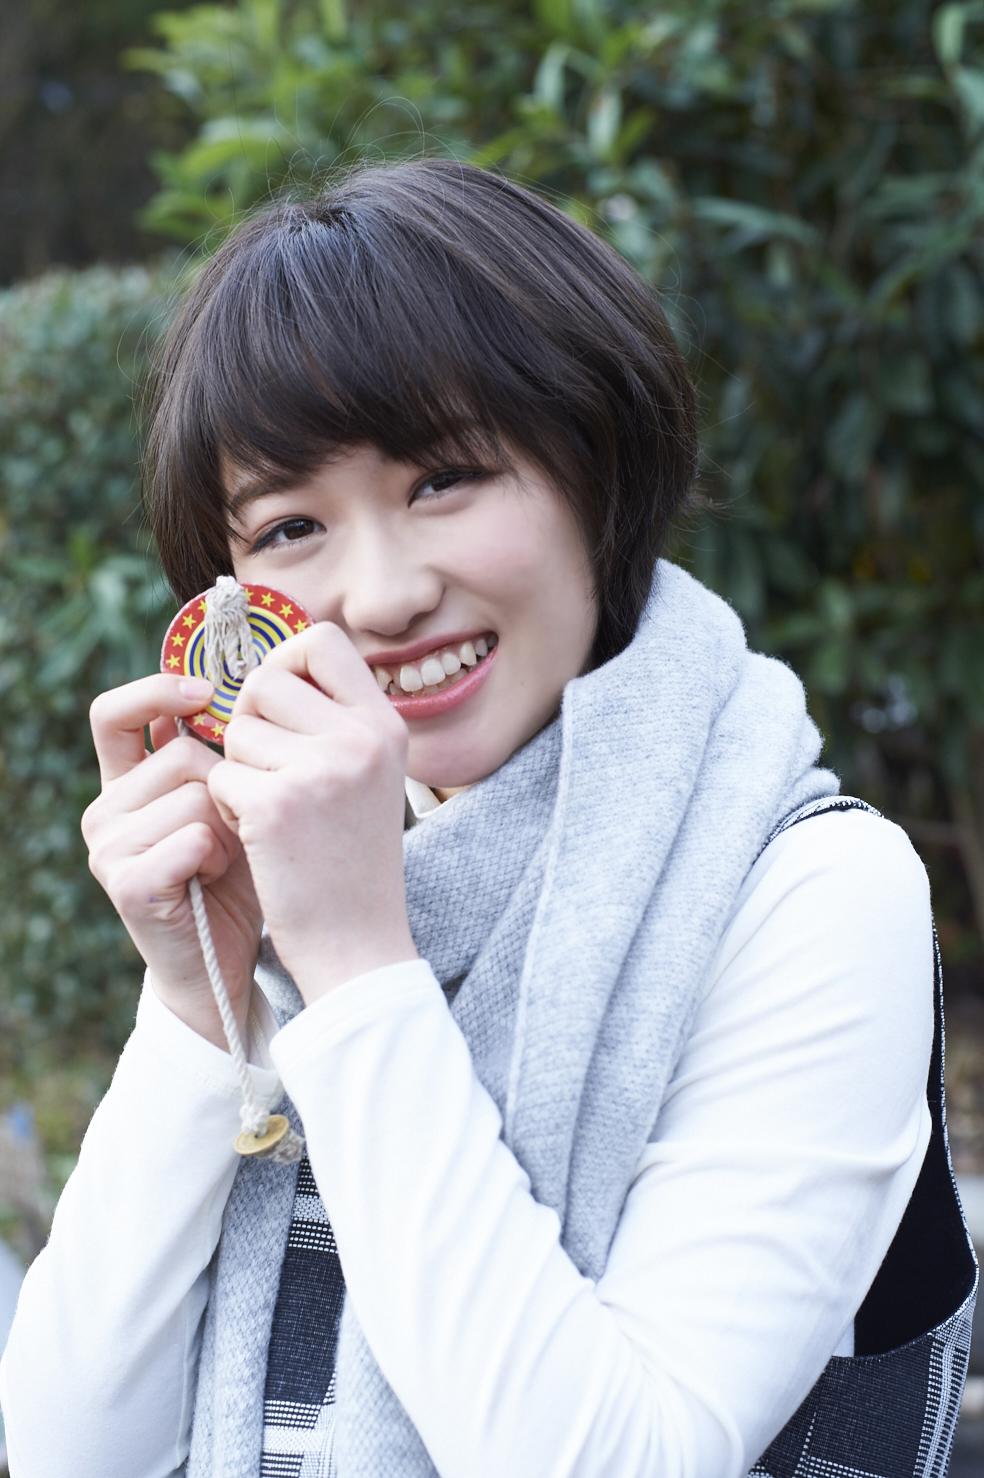 20161231_kudoharuka2_picuup_toukou